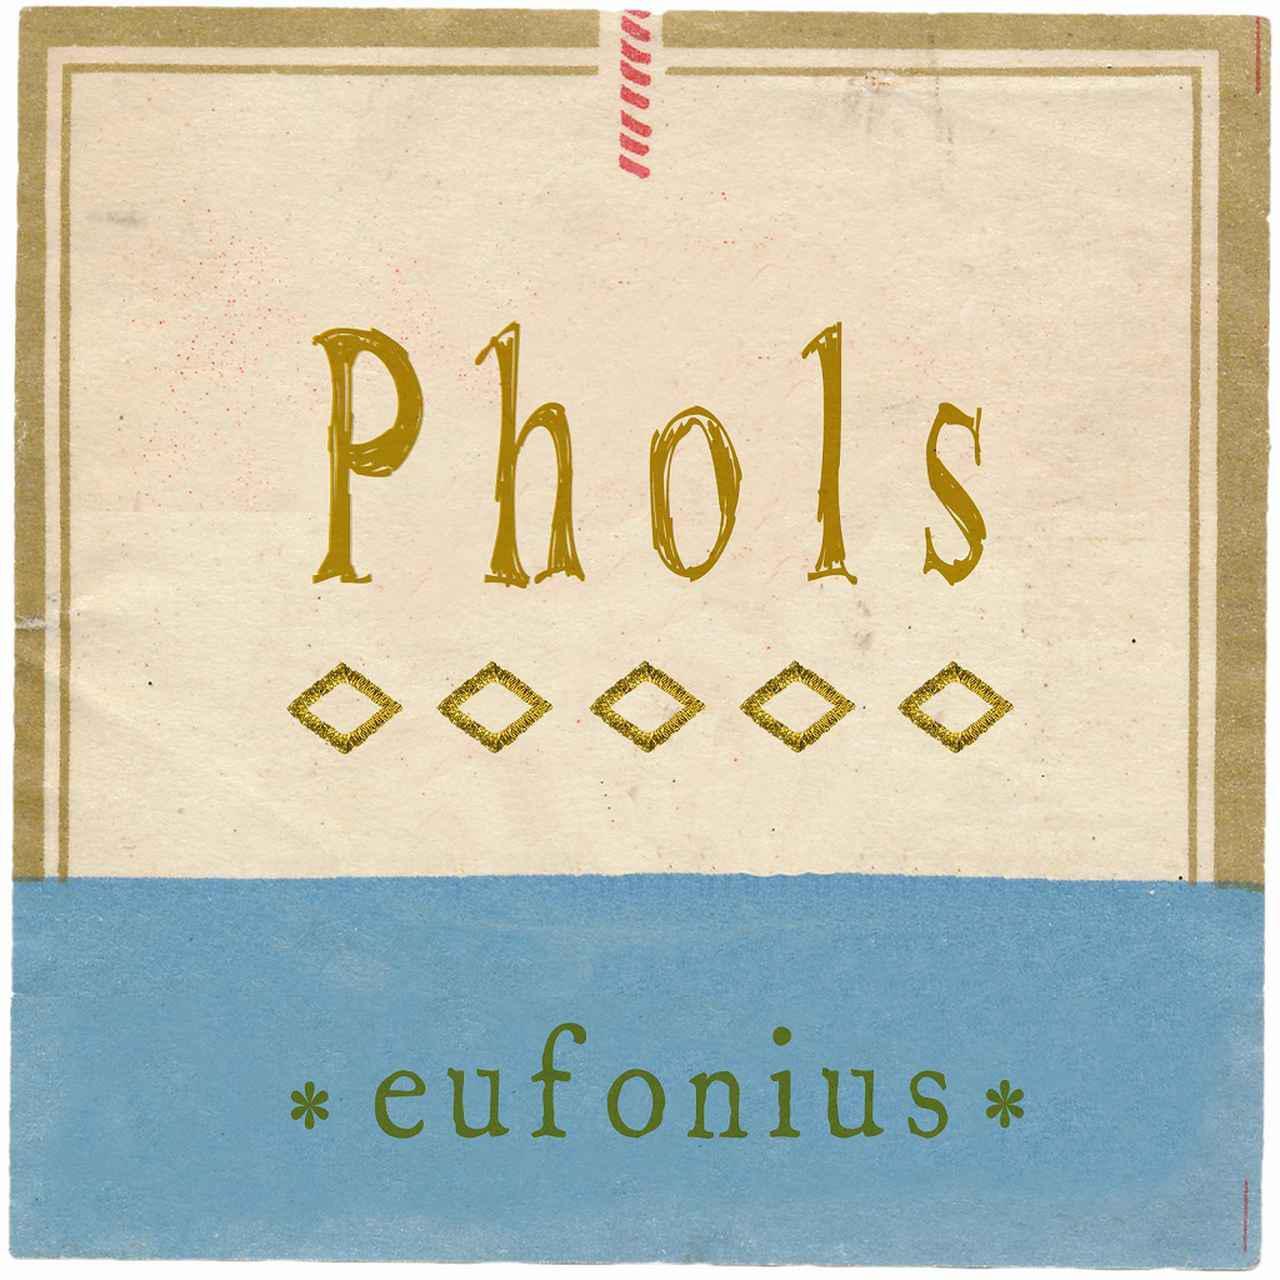 画像: Phols / eufonius